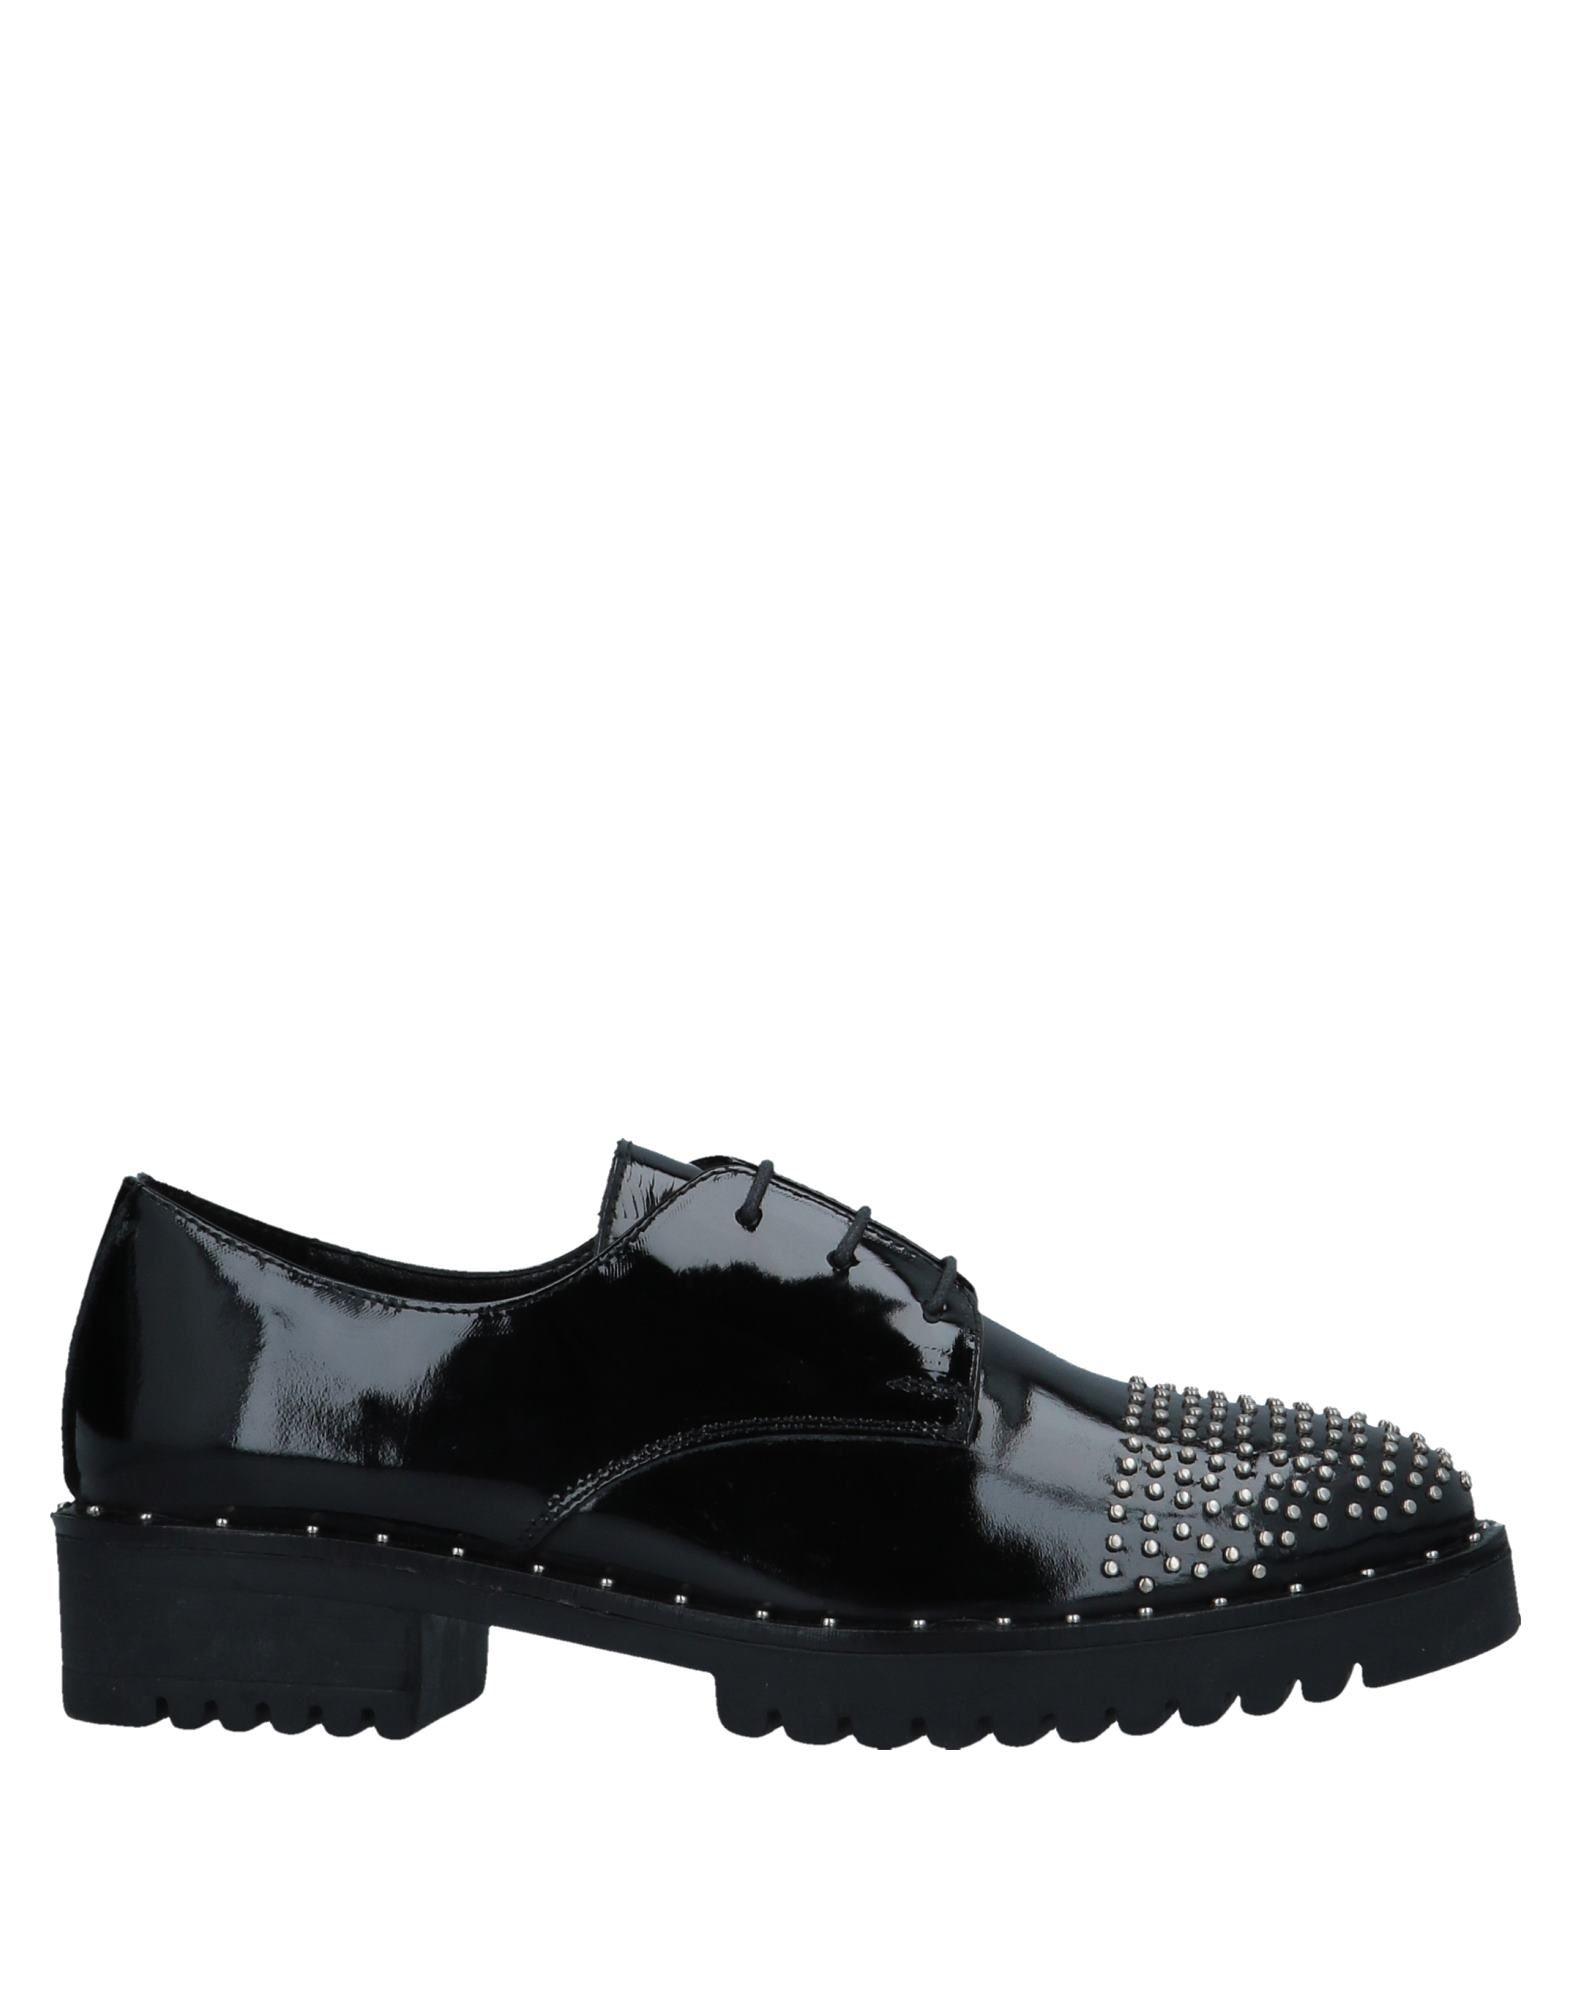 Pixy Schnürschuhe Damen  11574153LD Gute Qualität beliebte Schuhe